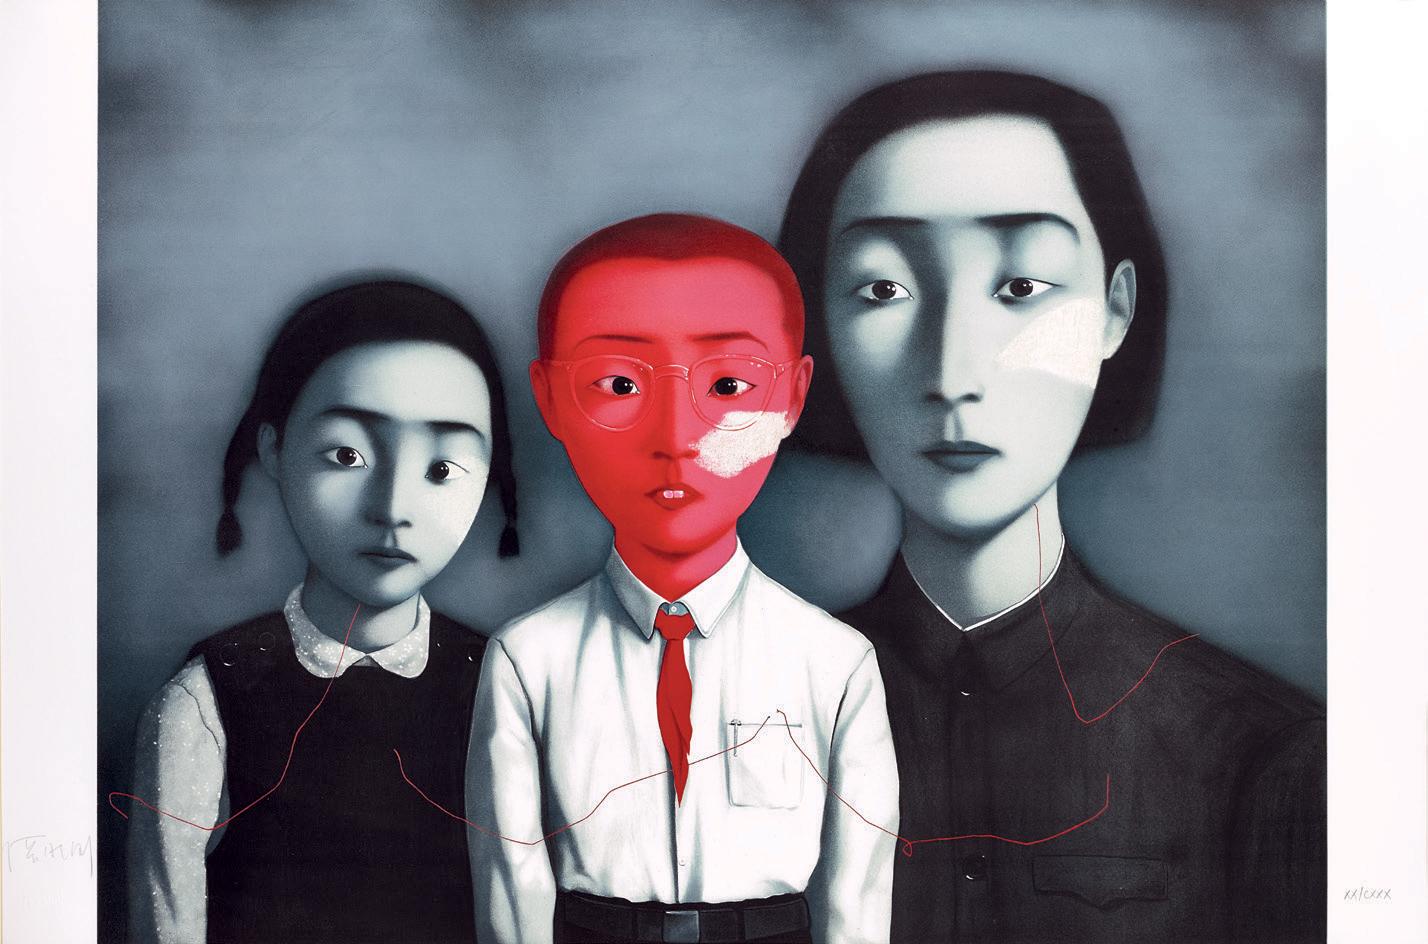 ZHANG XIAOGANG (b. 1958) (Chin